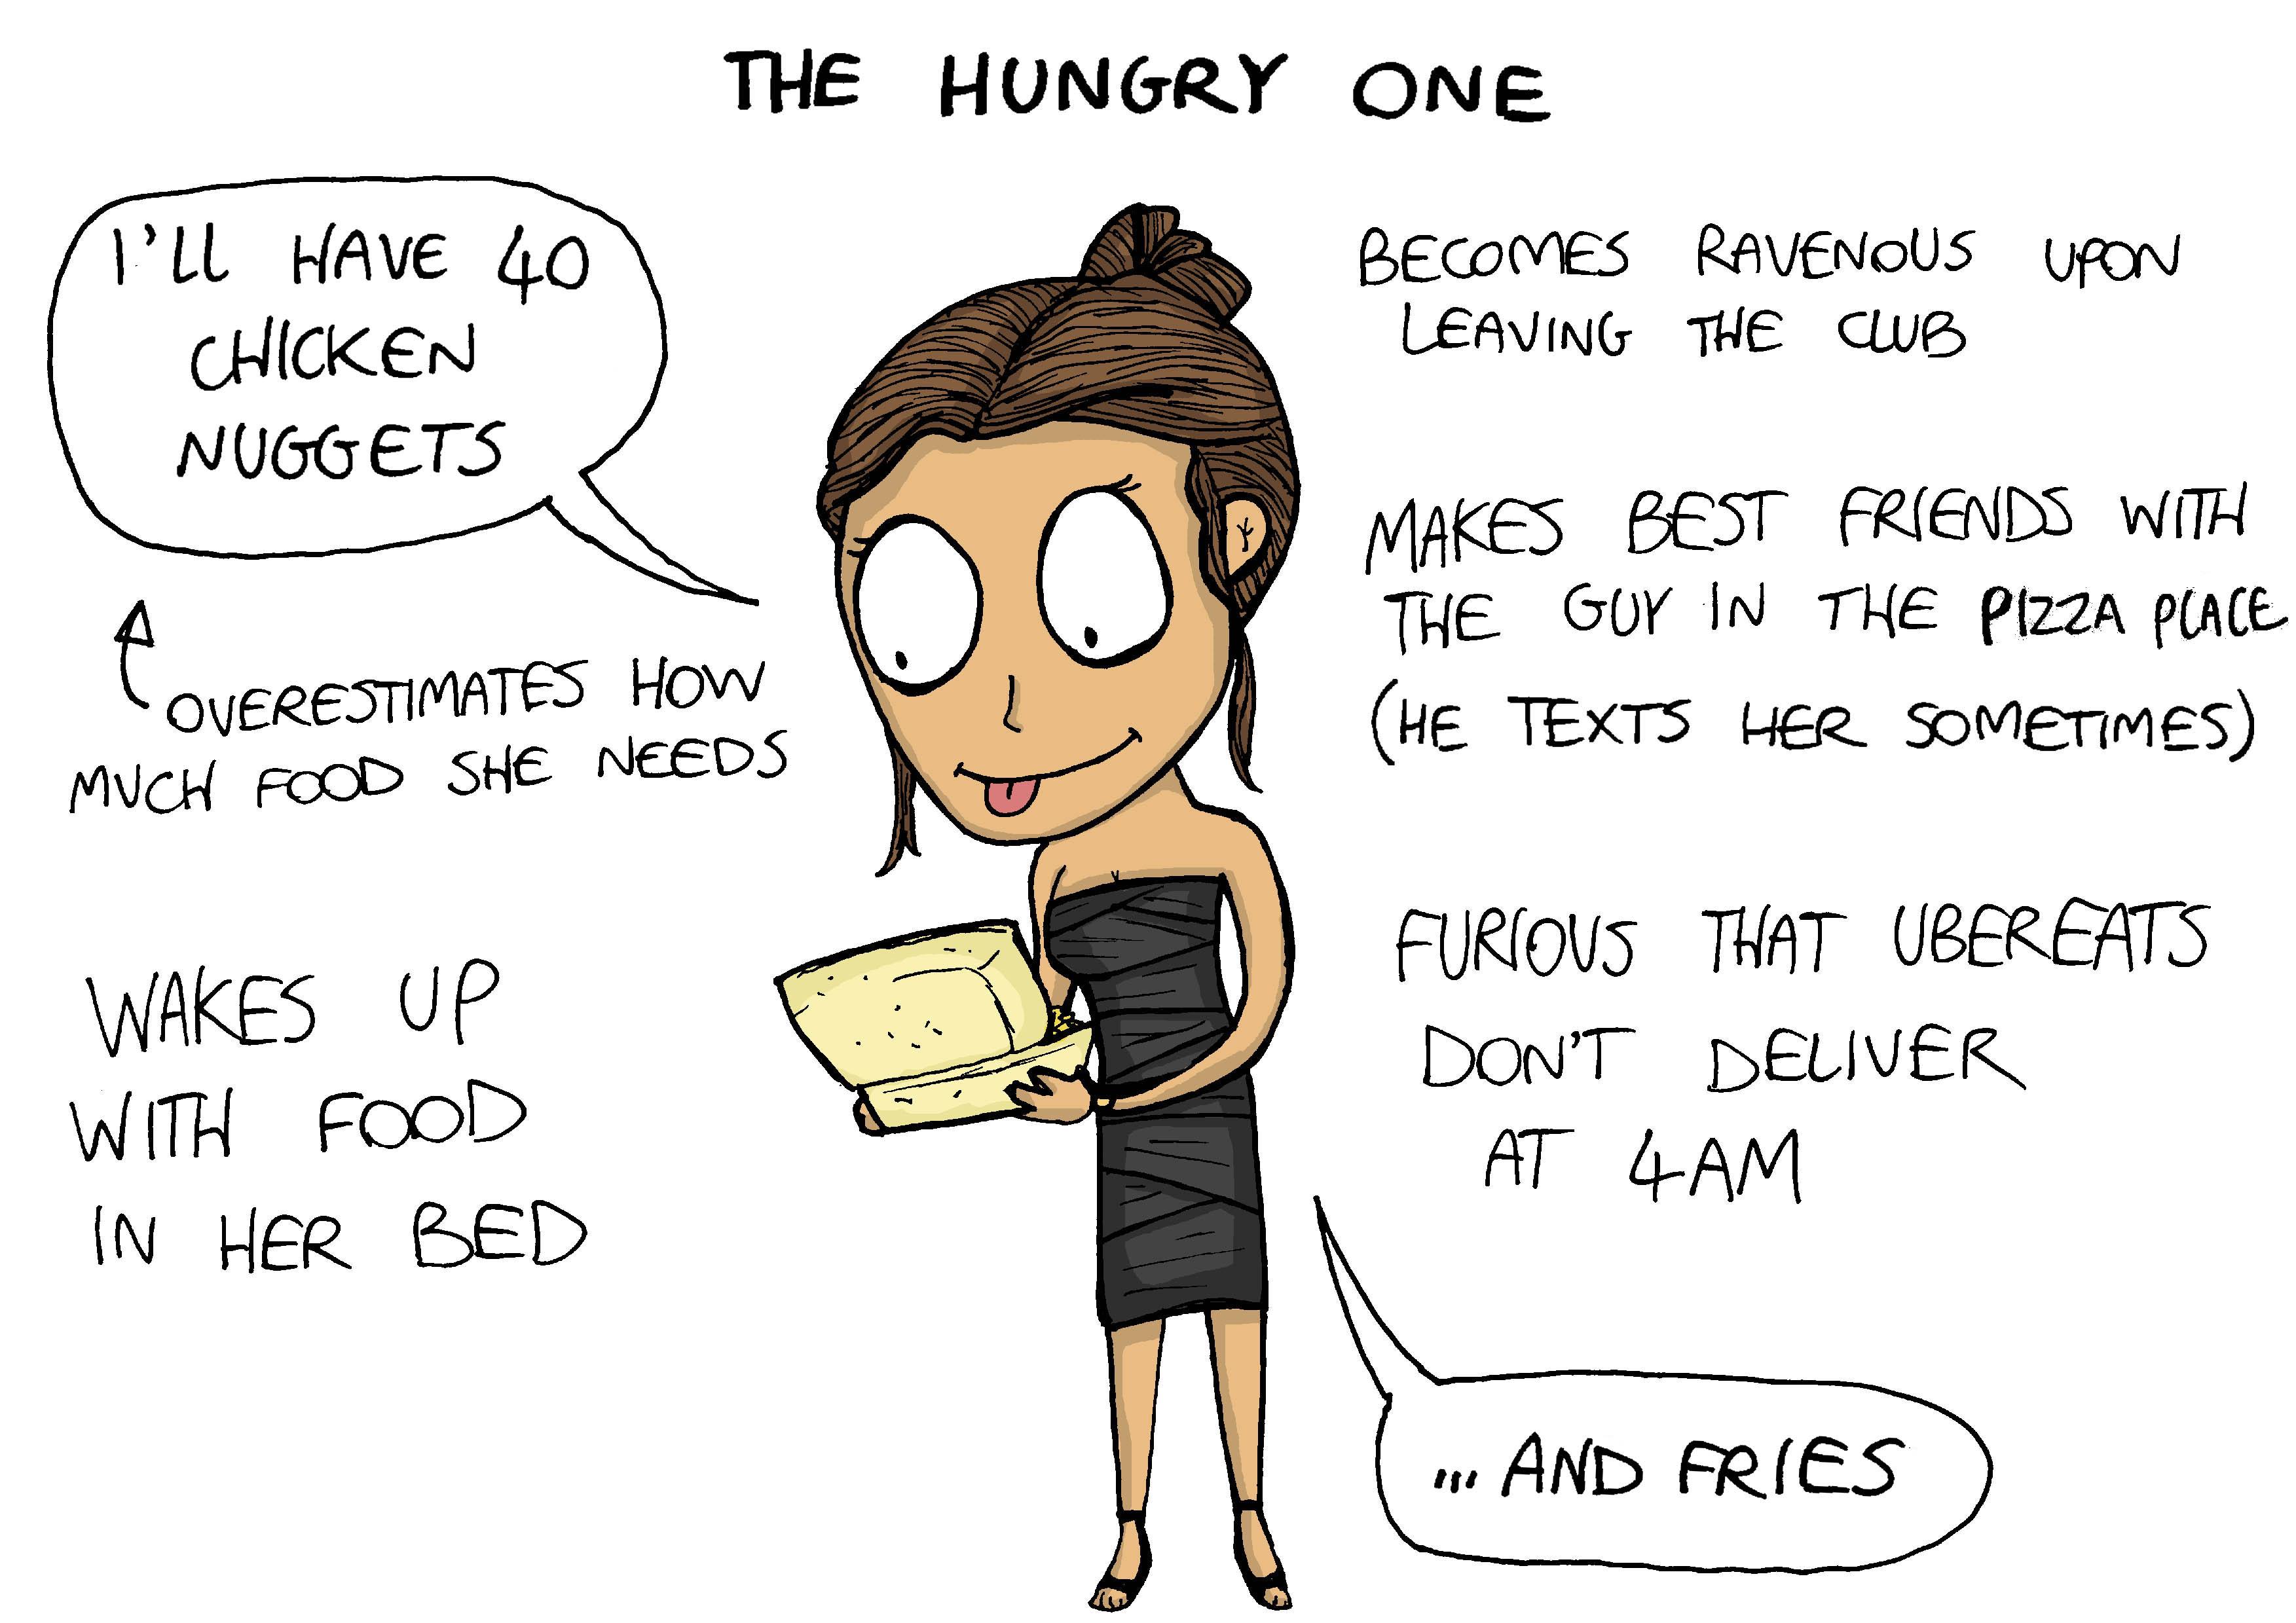 ushungry